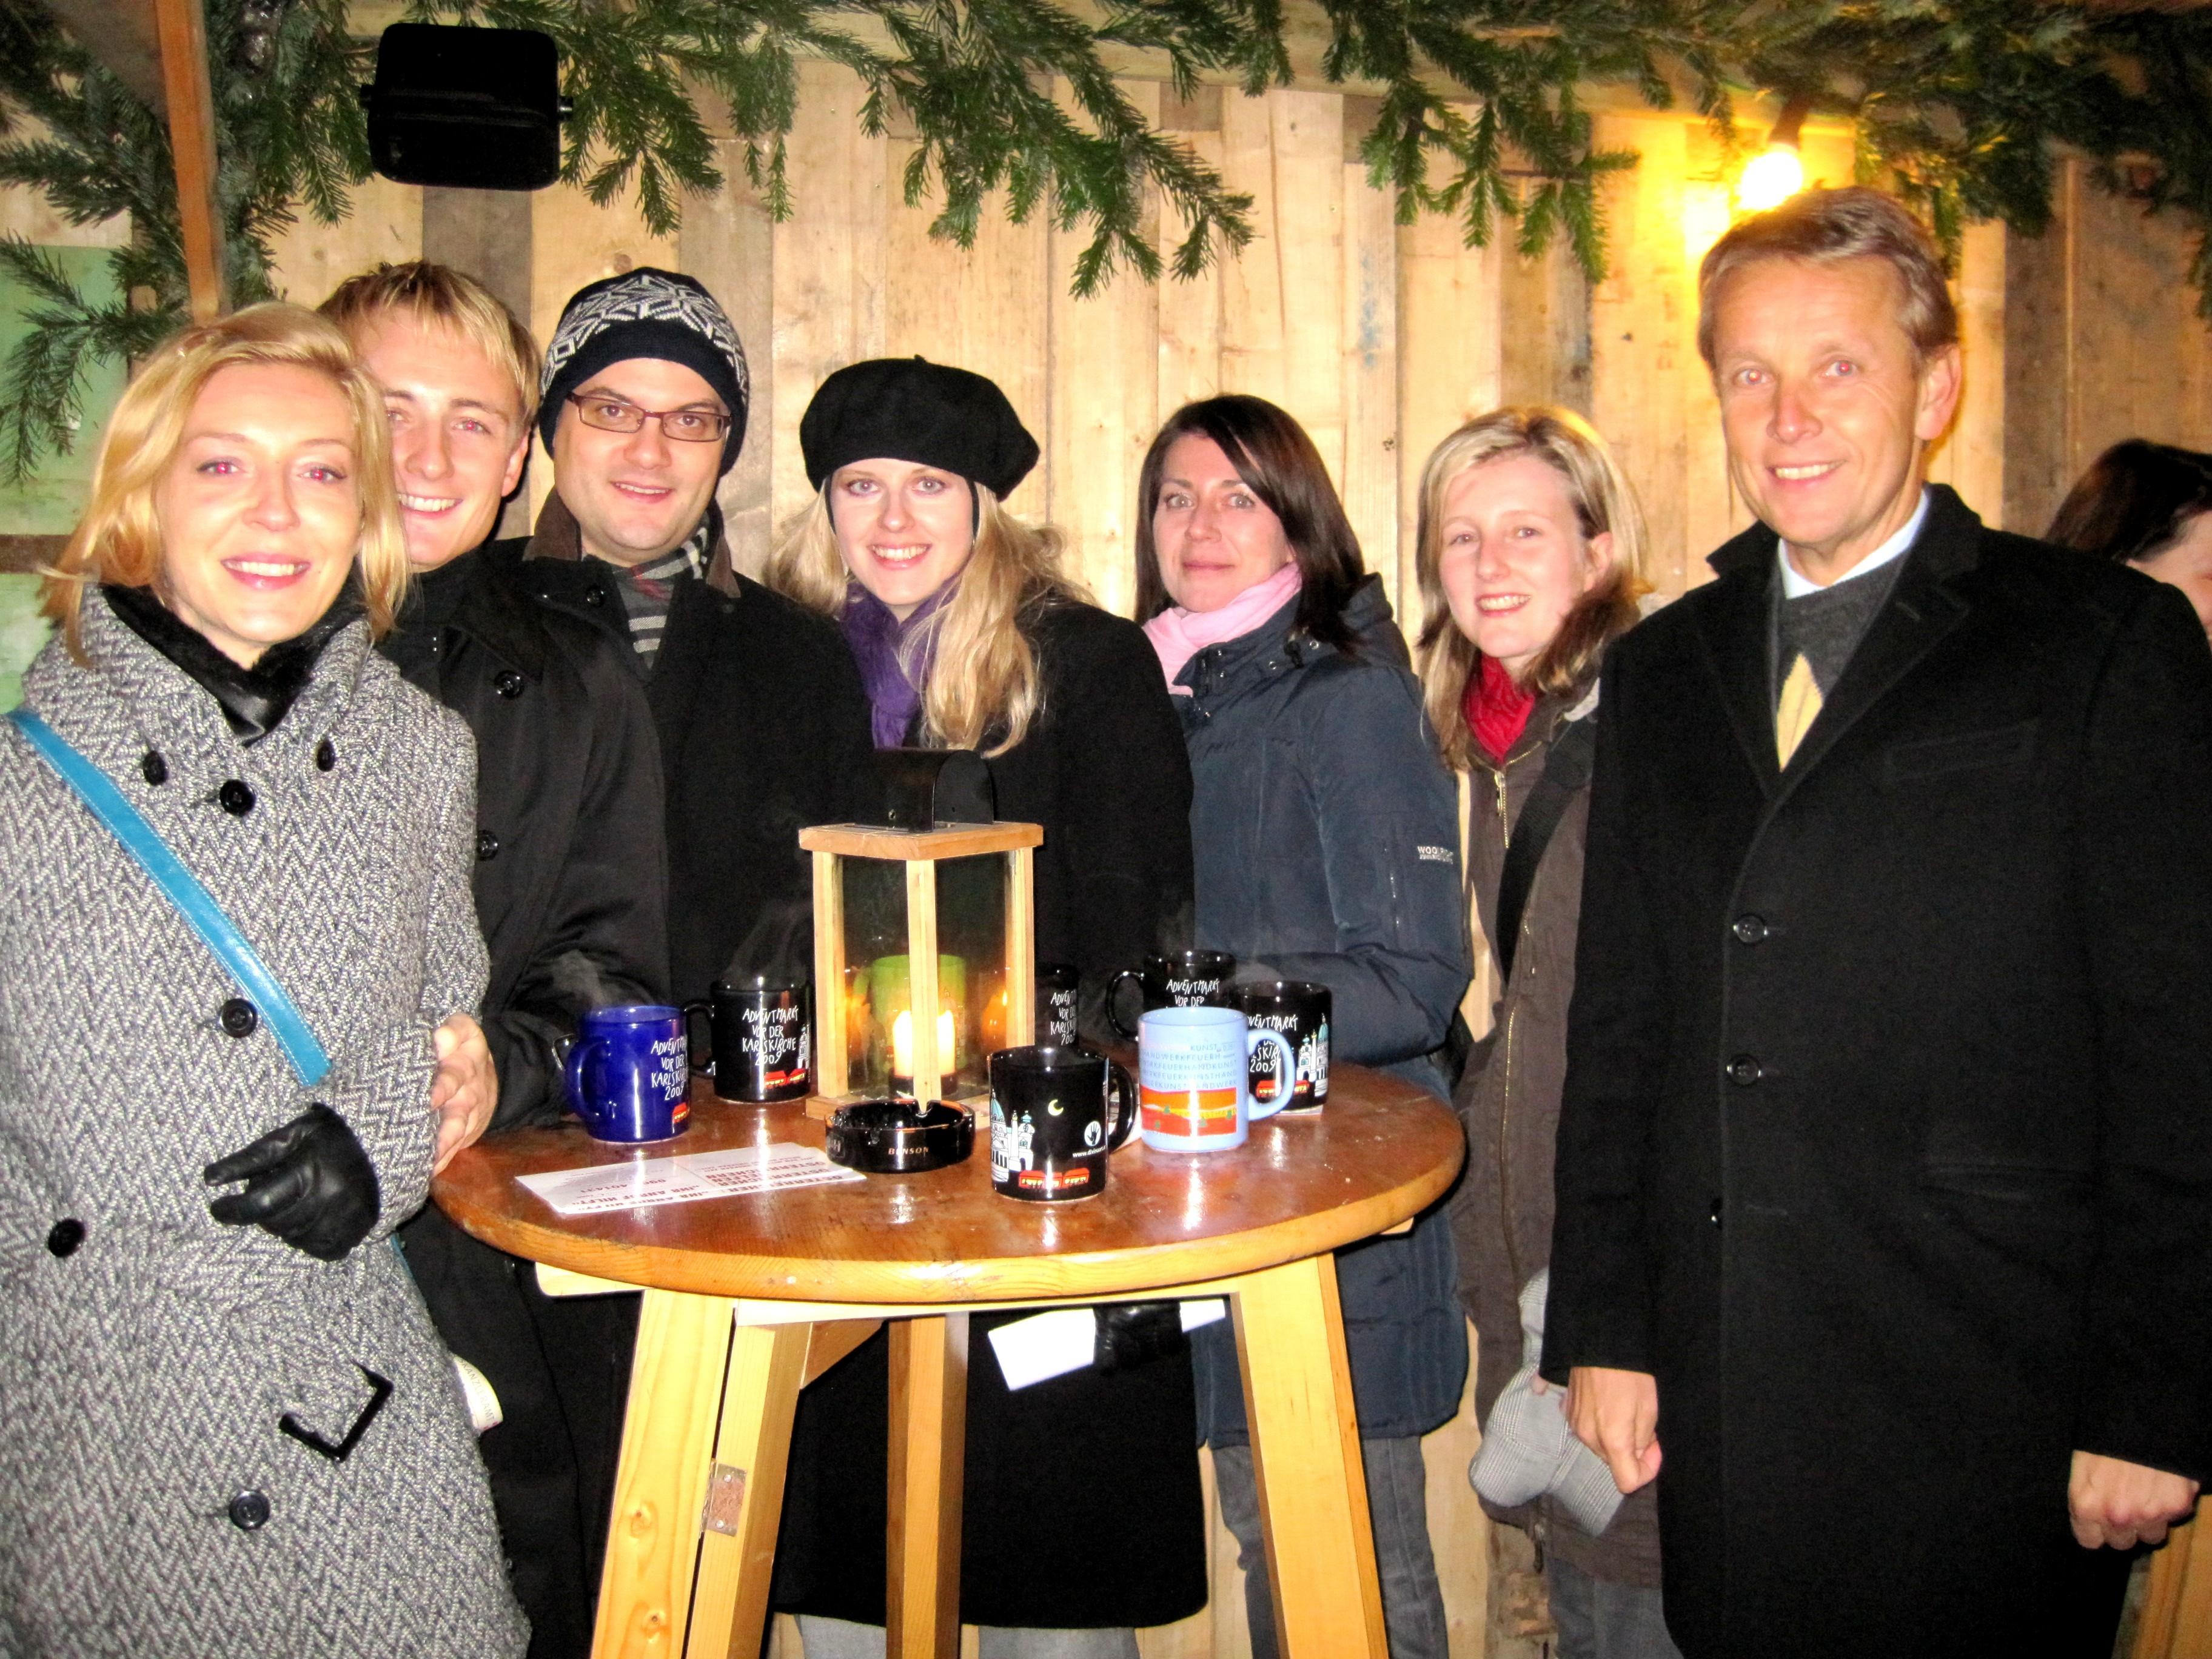 Gemütliches Beisamensein mit meinem Team in der Vorweihnachtszeit (C) A. Jaitner